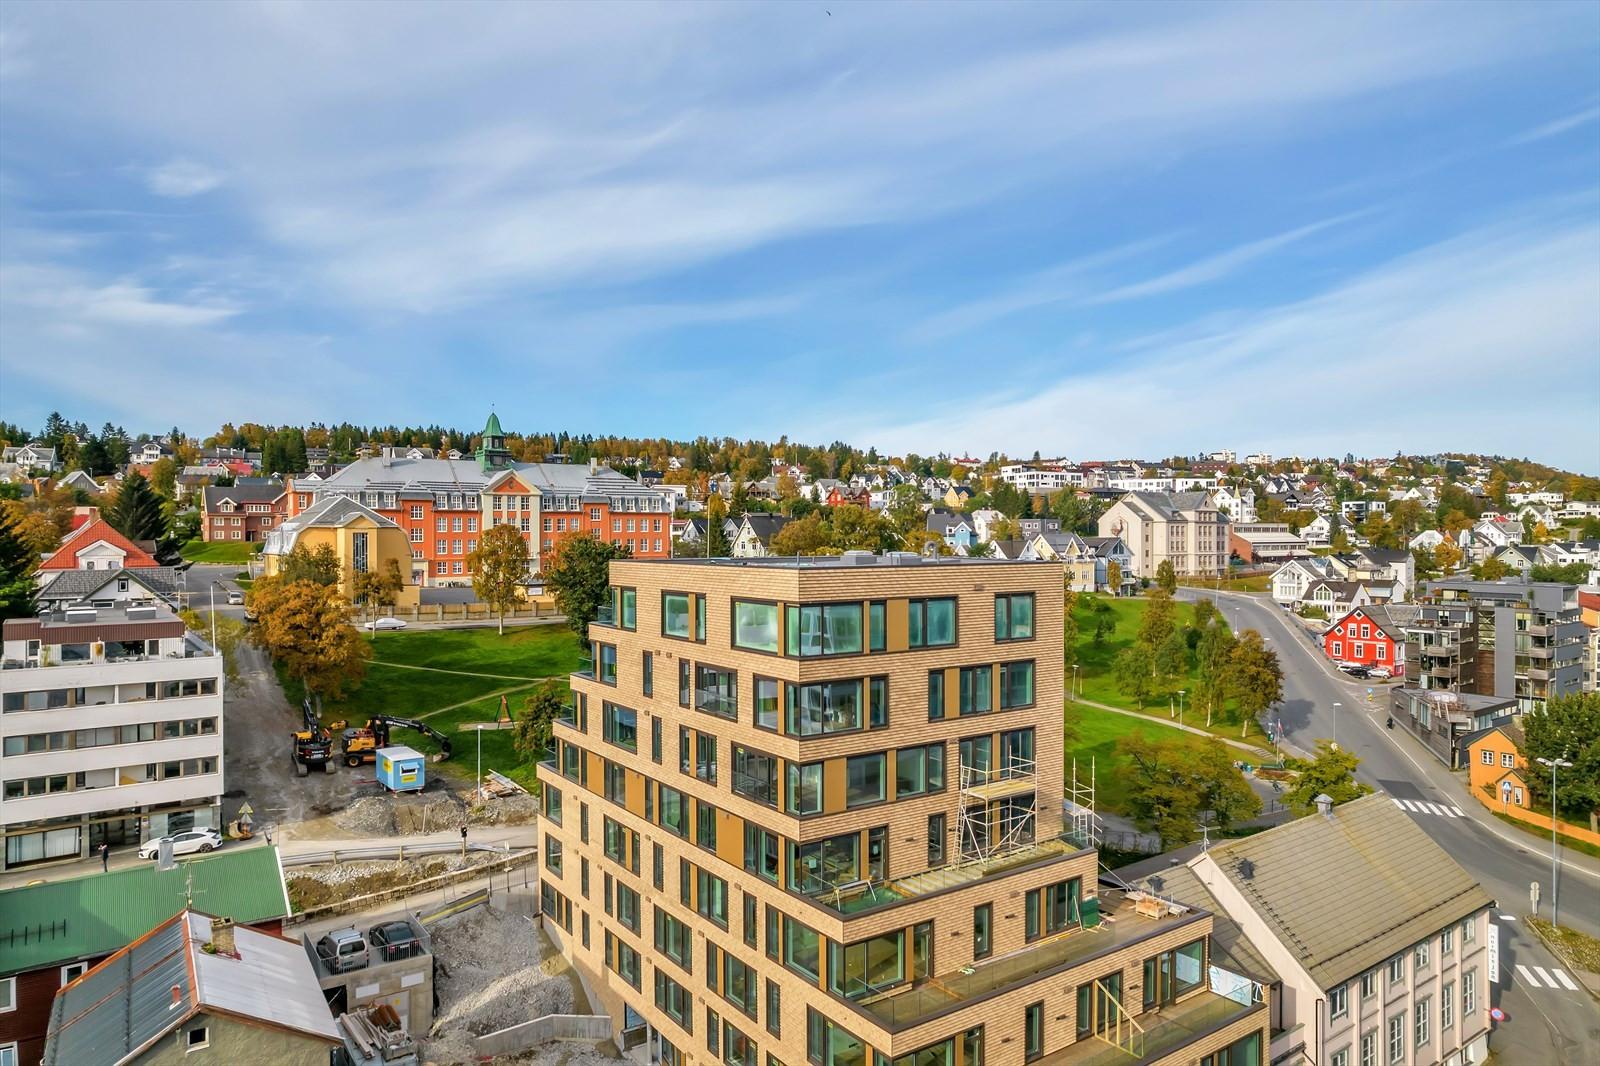 Kongsbakken videregående skole i bakkant av parken, Kongsparken i lysbrun teglstein - vakkert!